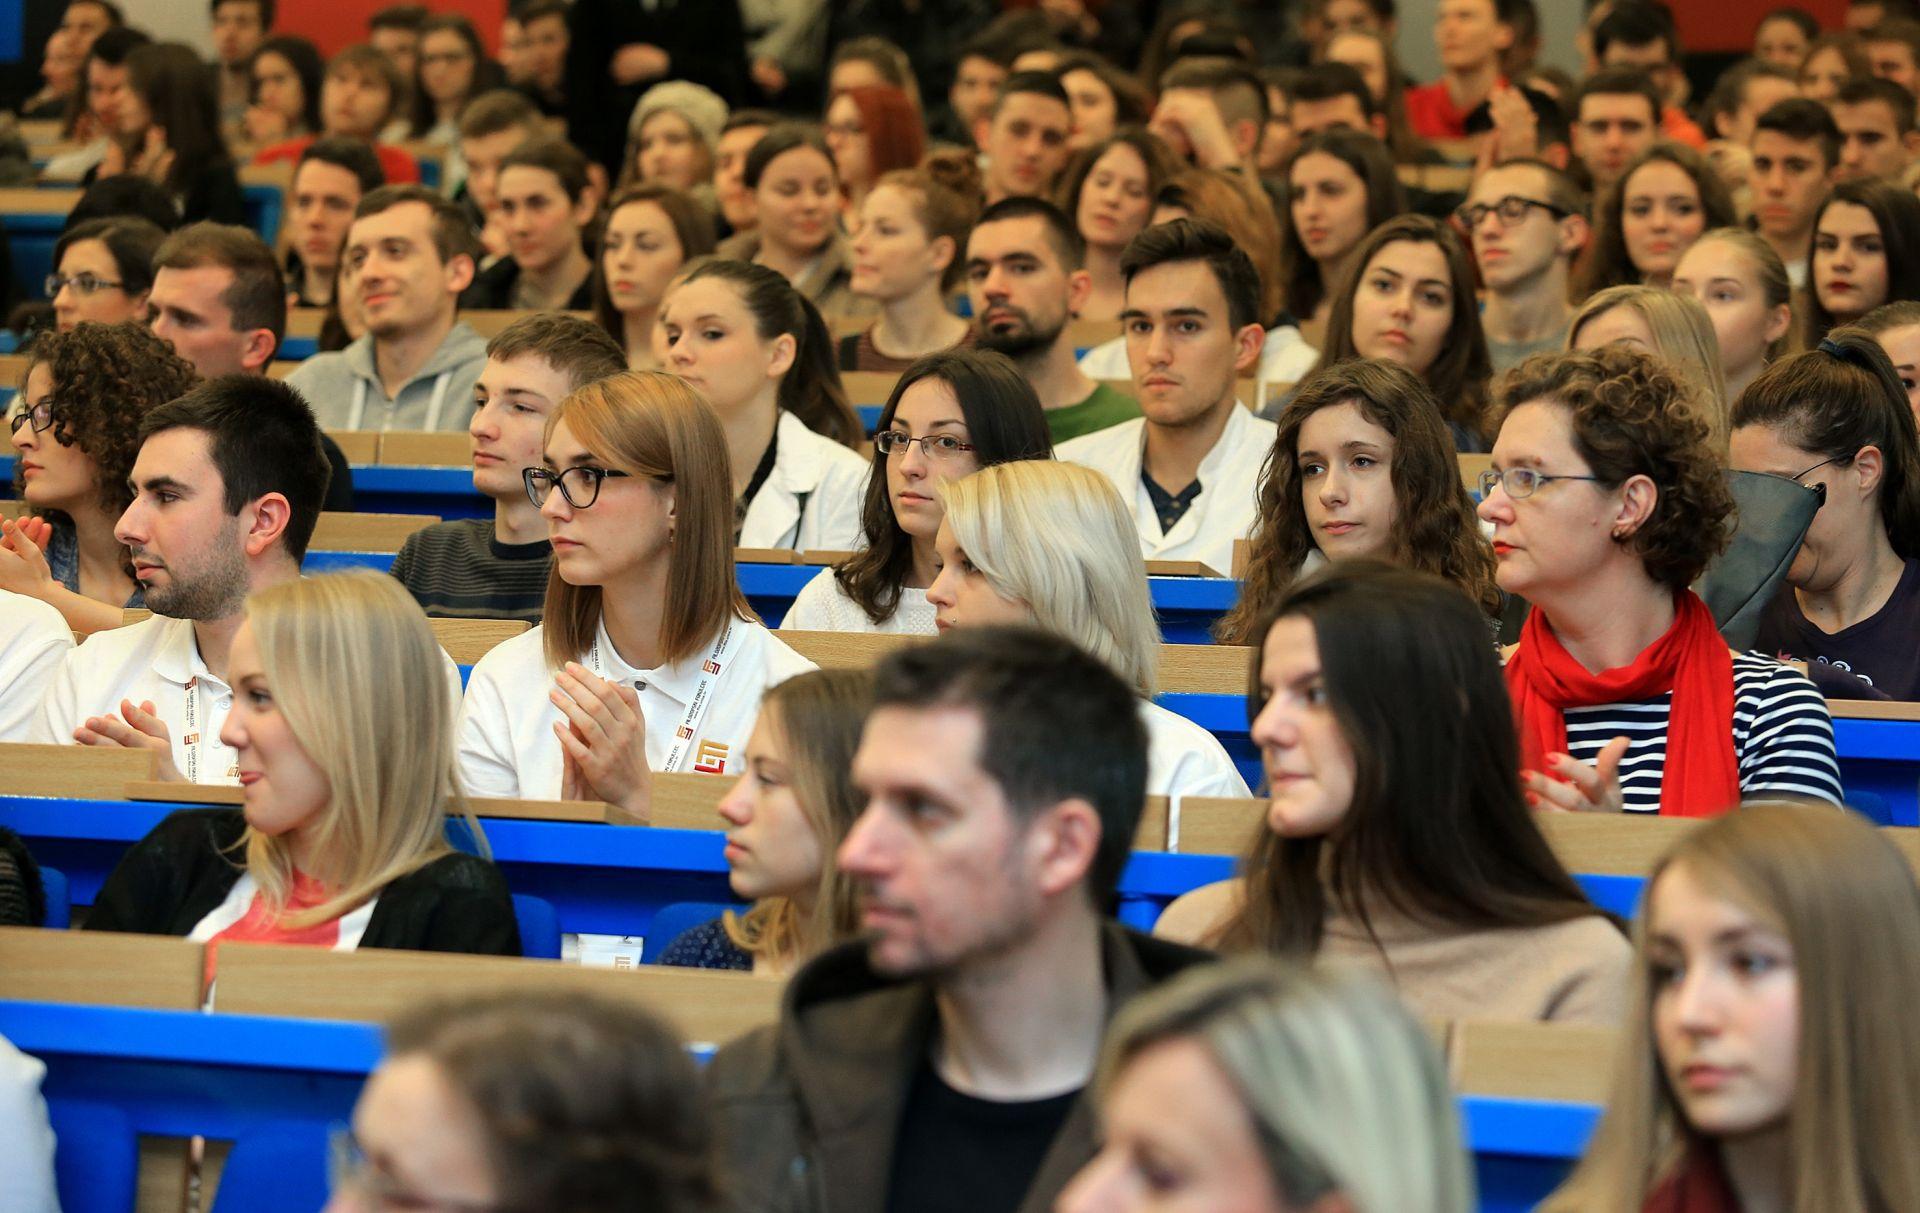 Hrvatski studenti najmanje zadovoljni uvjetima studiranja među trideset europskih zemalja